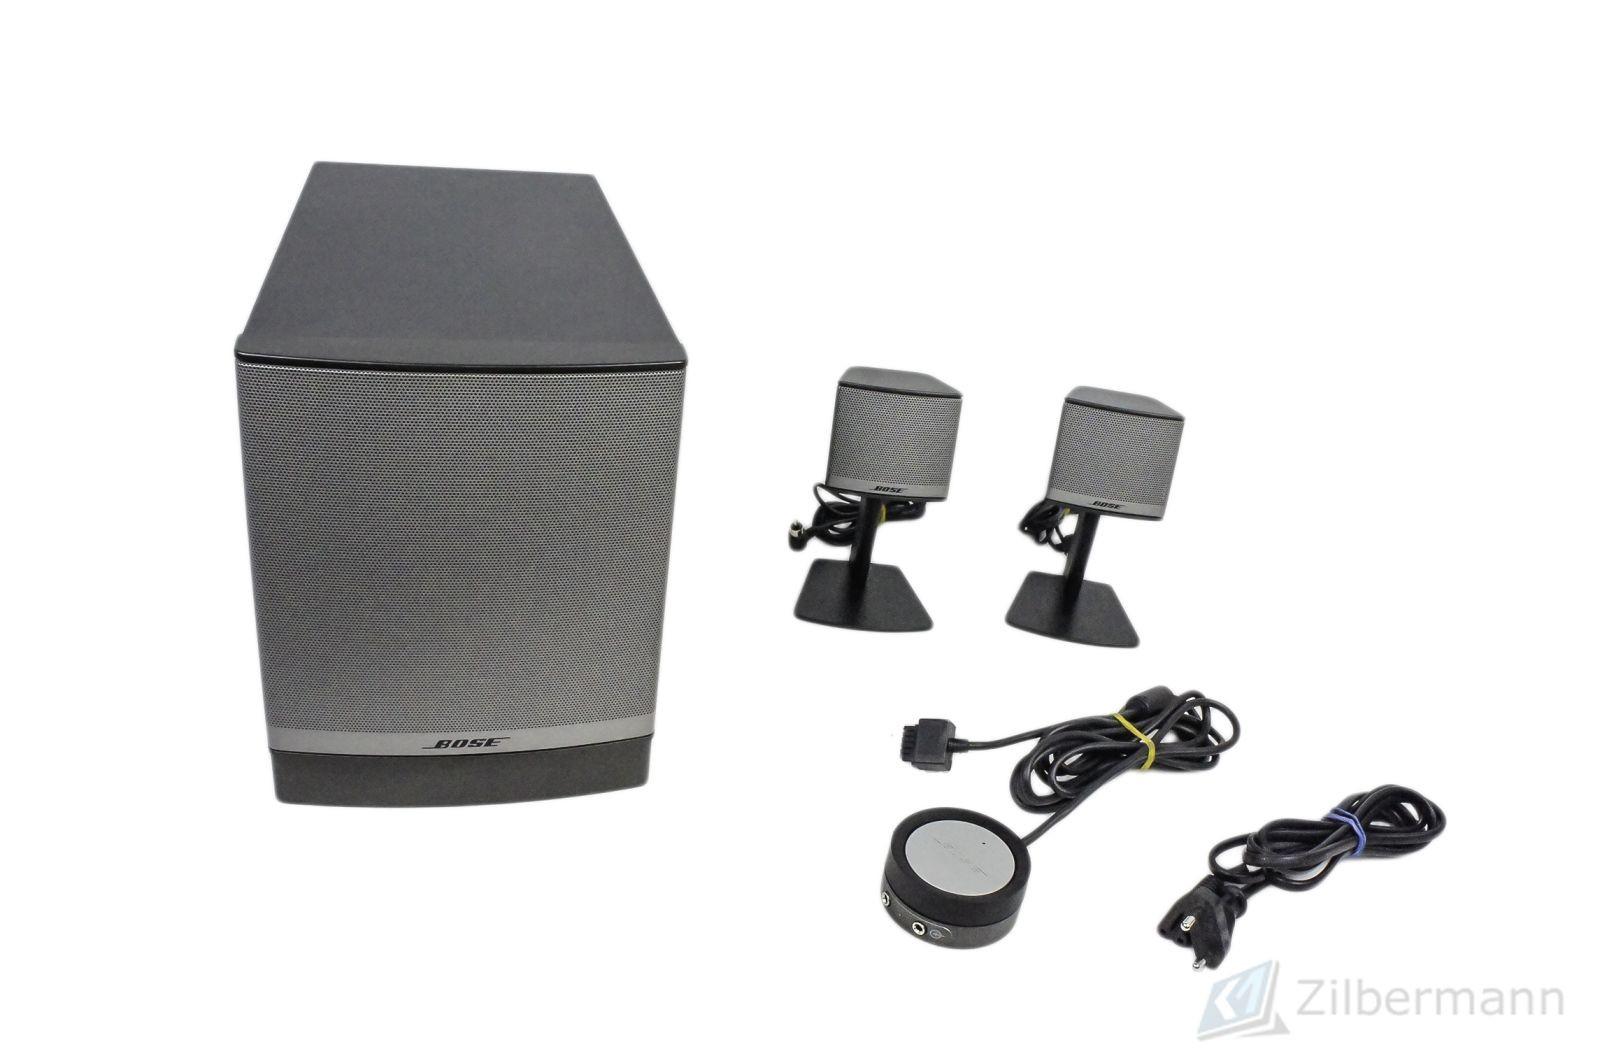 Bose Companion 2 Serie Iii Pc Lautsprecher